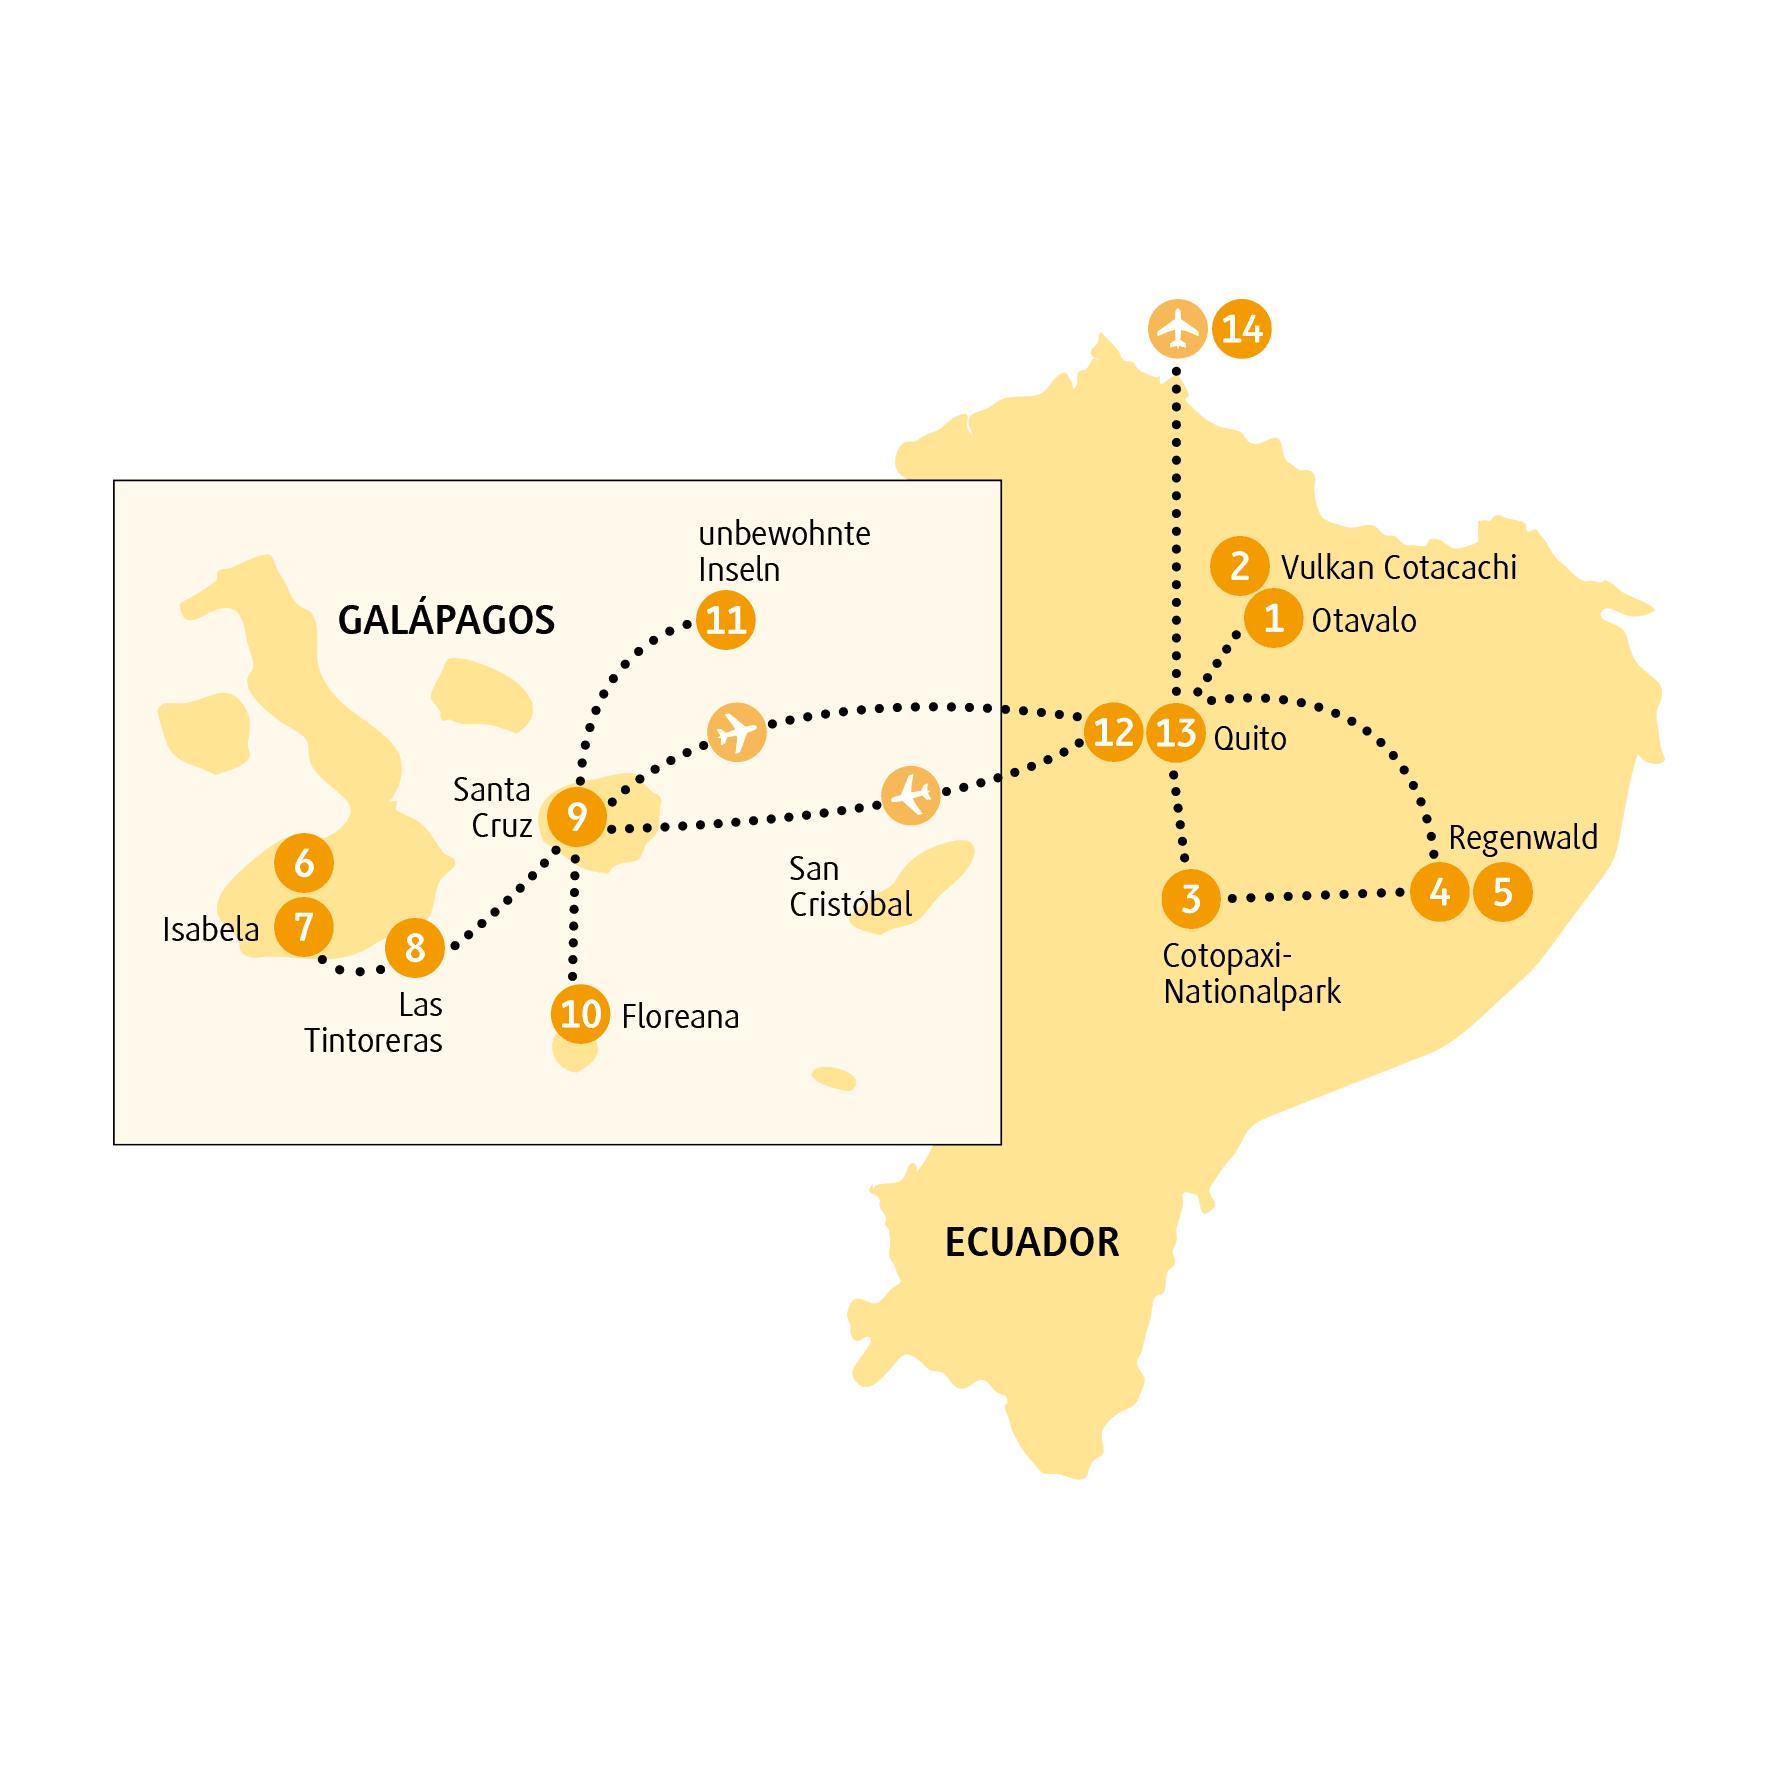 Wunderwelten Reise Ecuador Isabela Von Chamaleon 14 Tage Ecuador Reisen Regenwalder